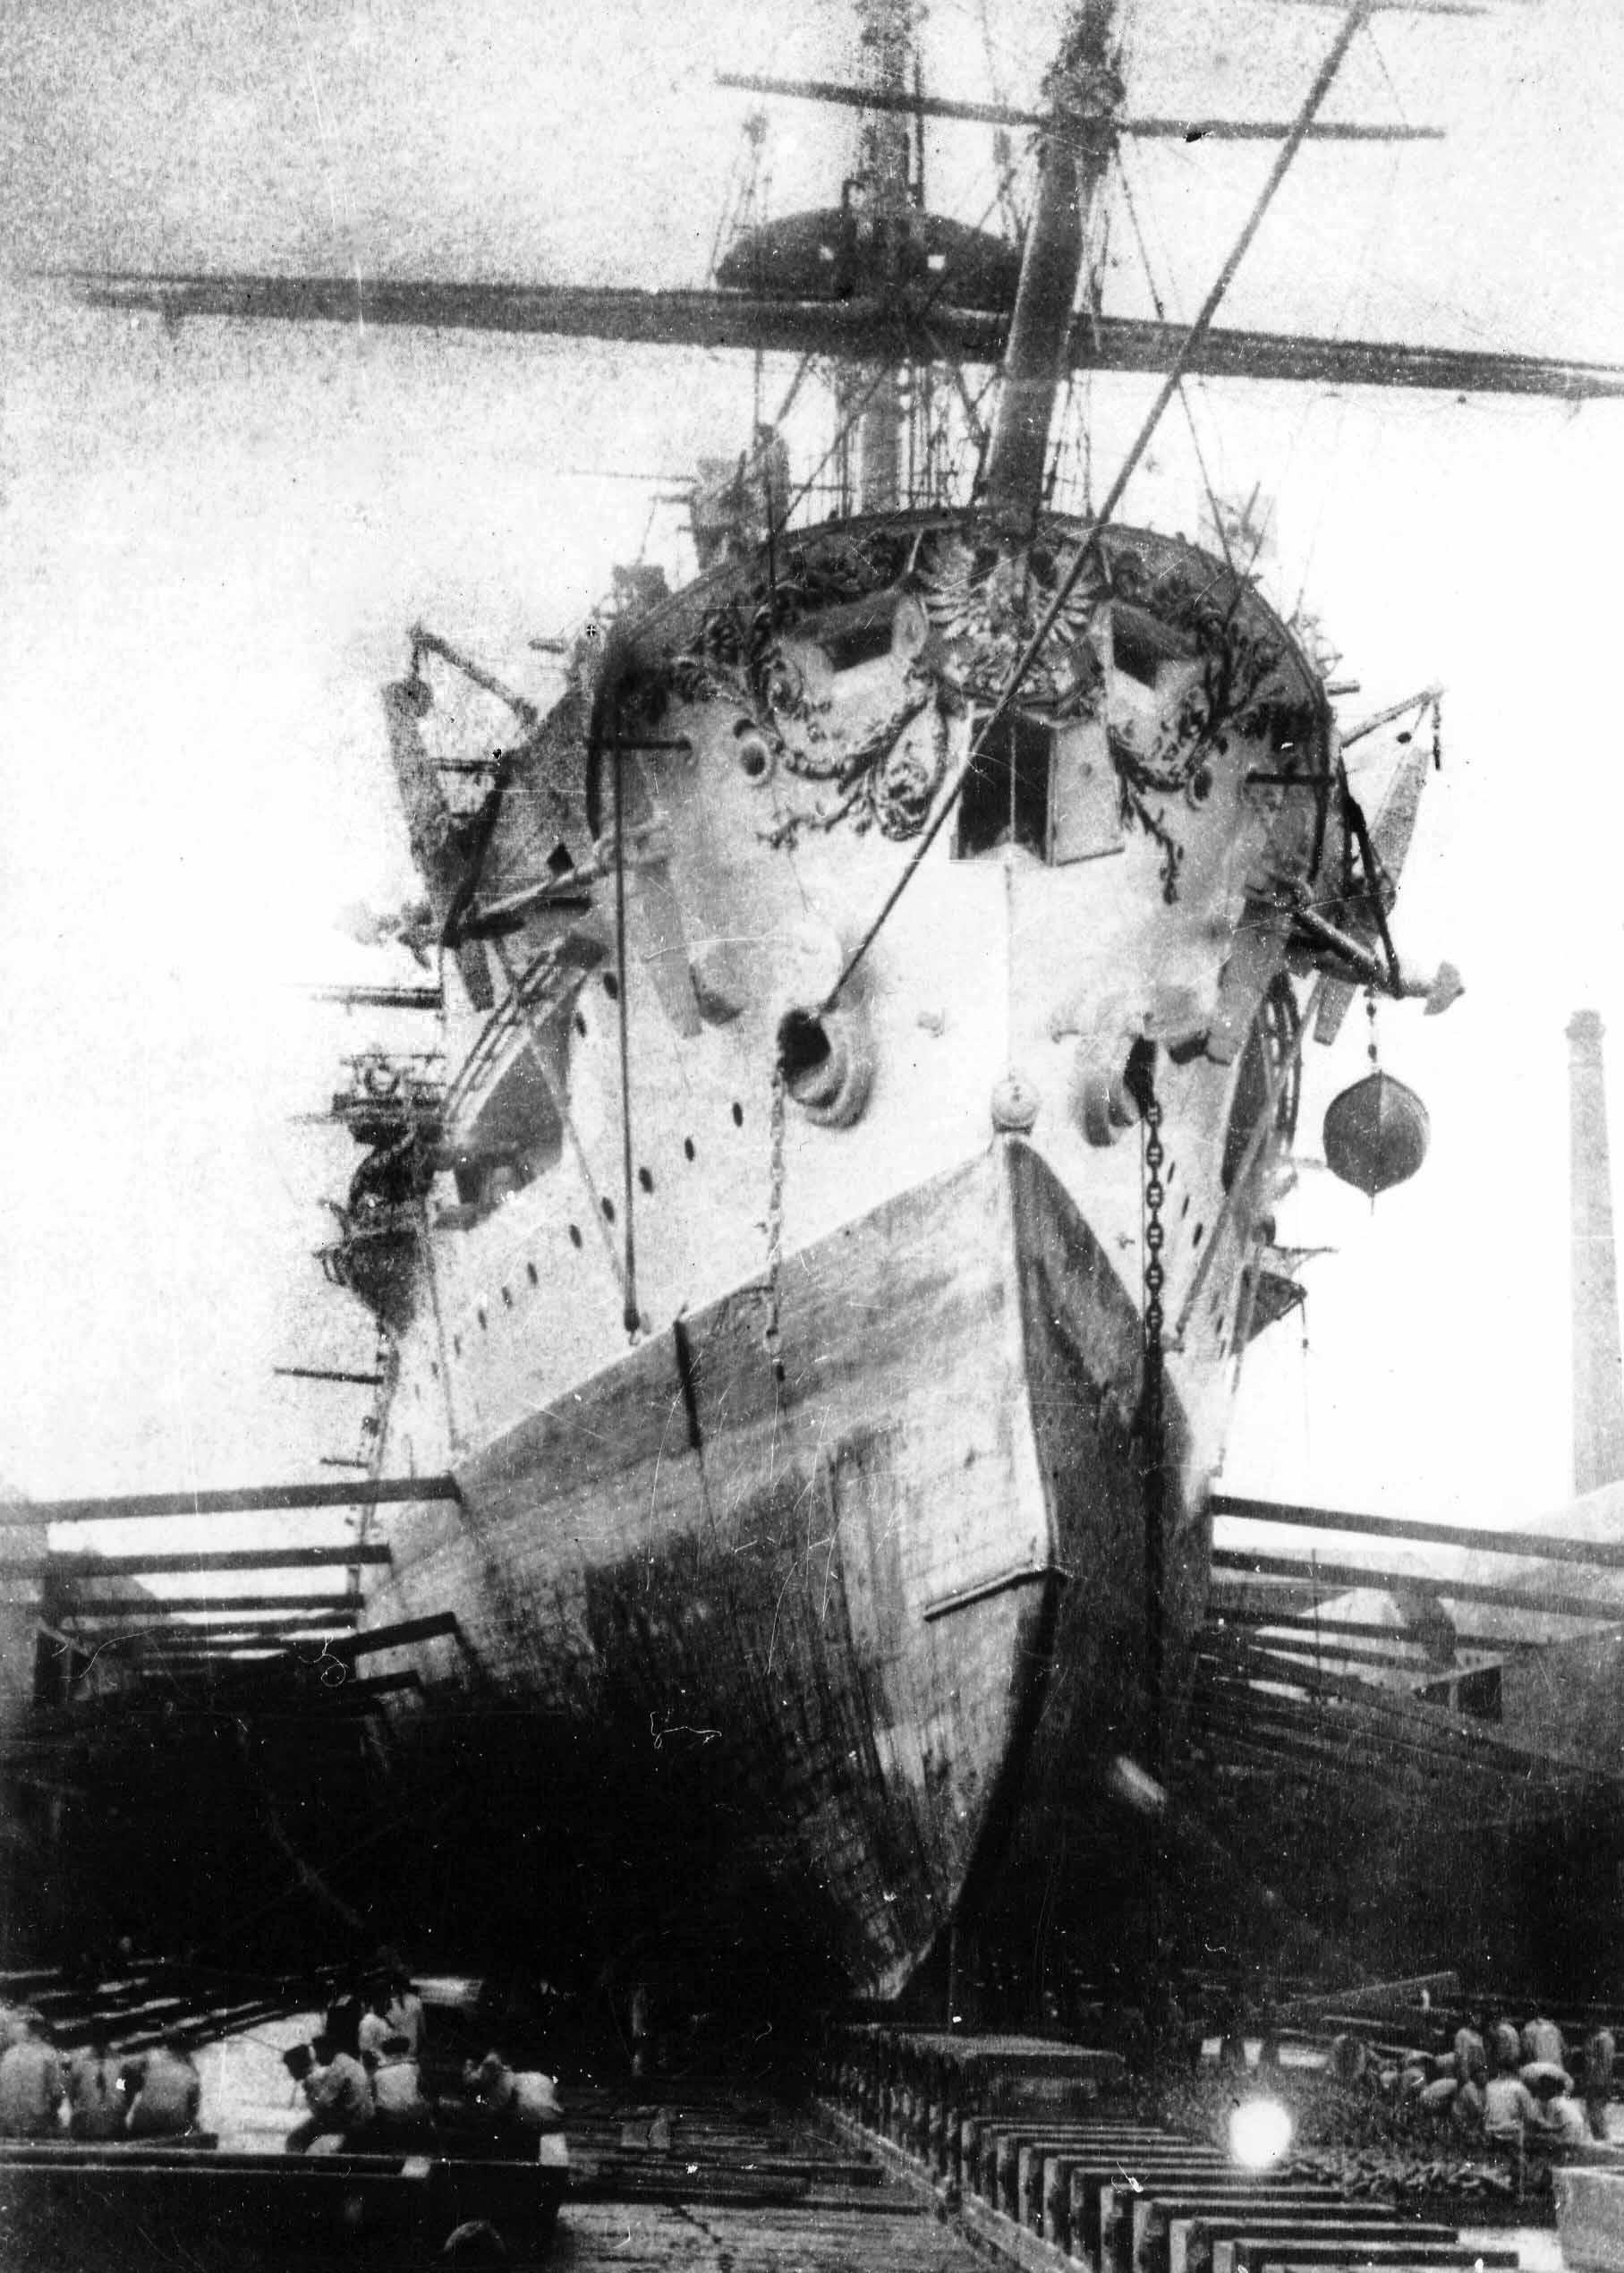 Броненосный крейсер рюрик после